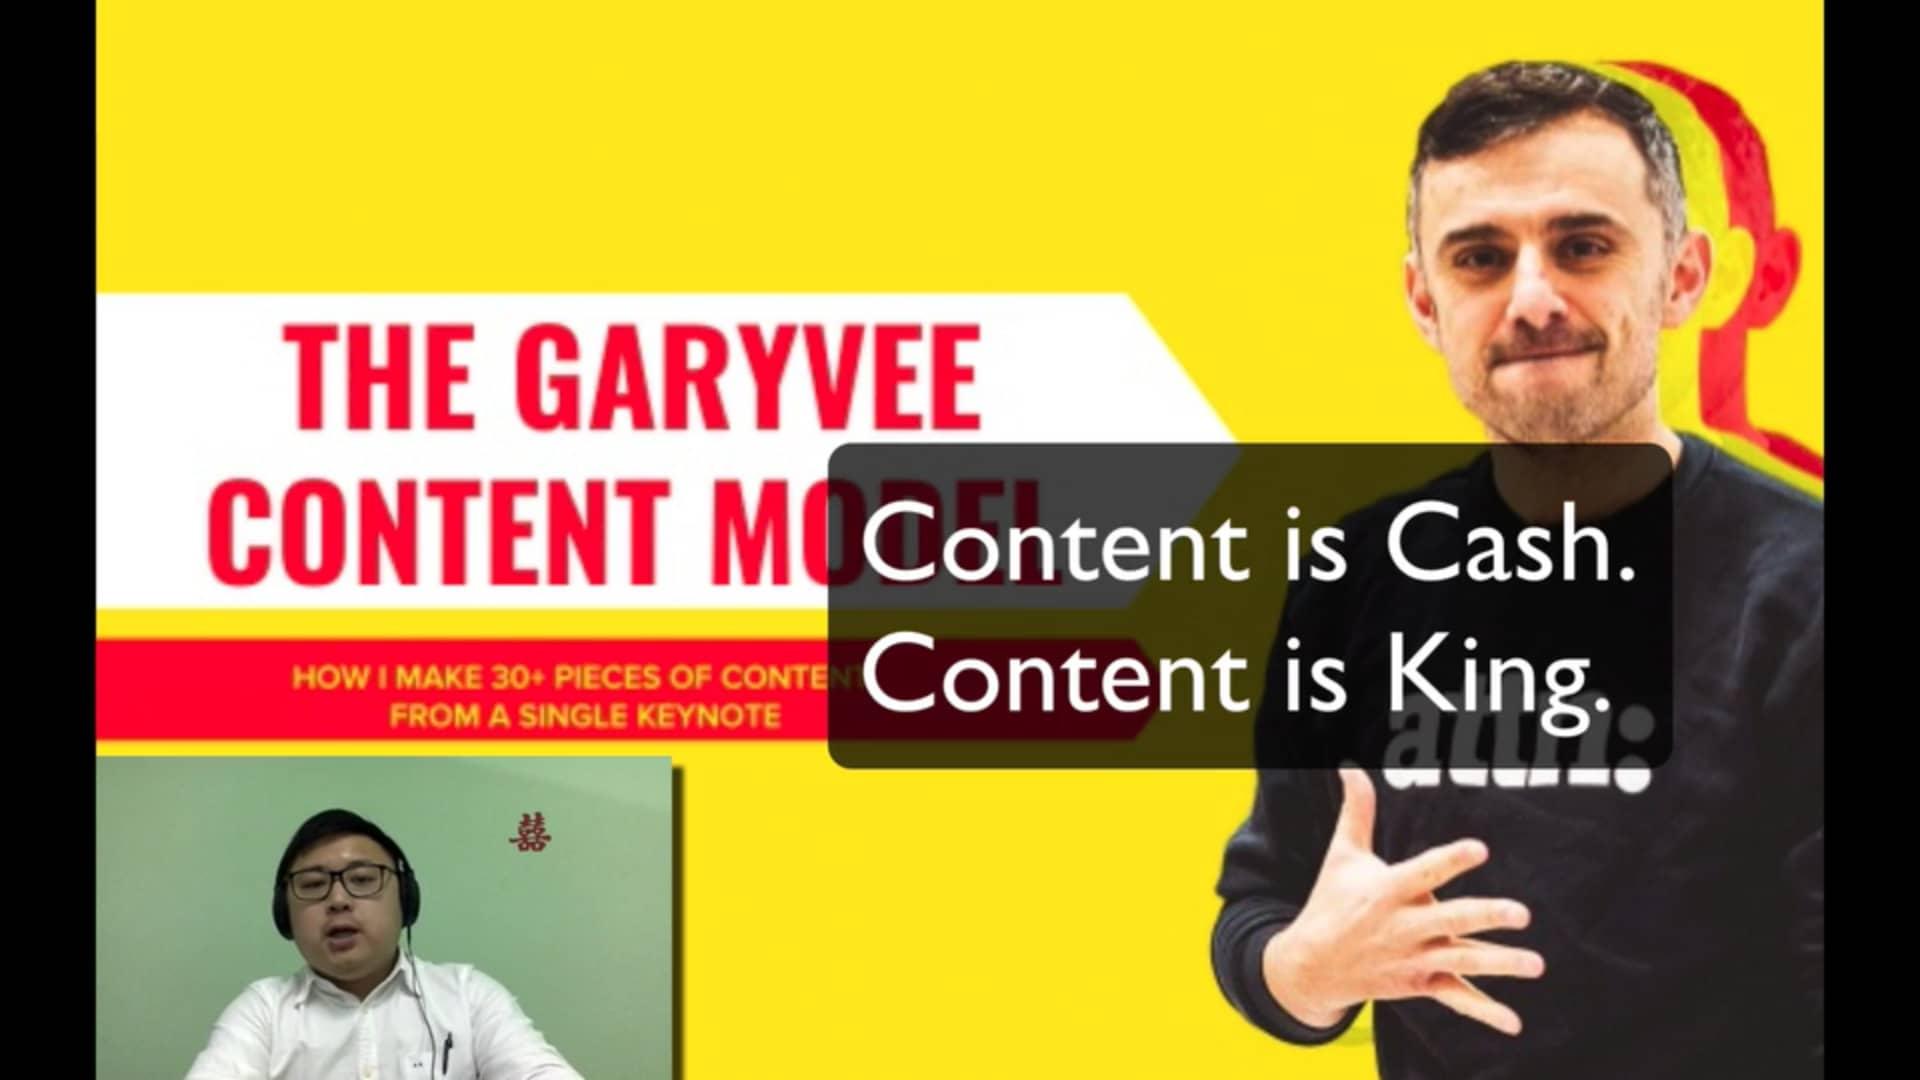 Garyvee Content Model